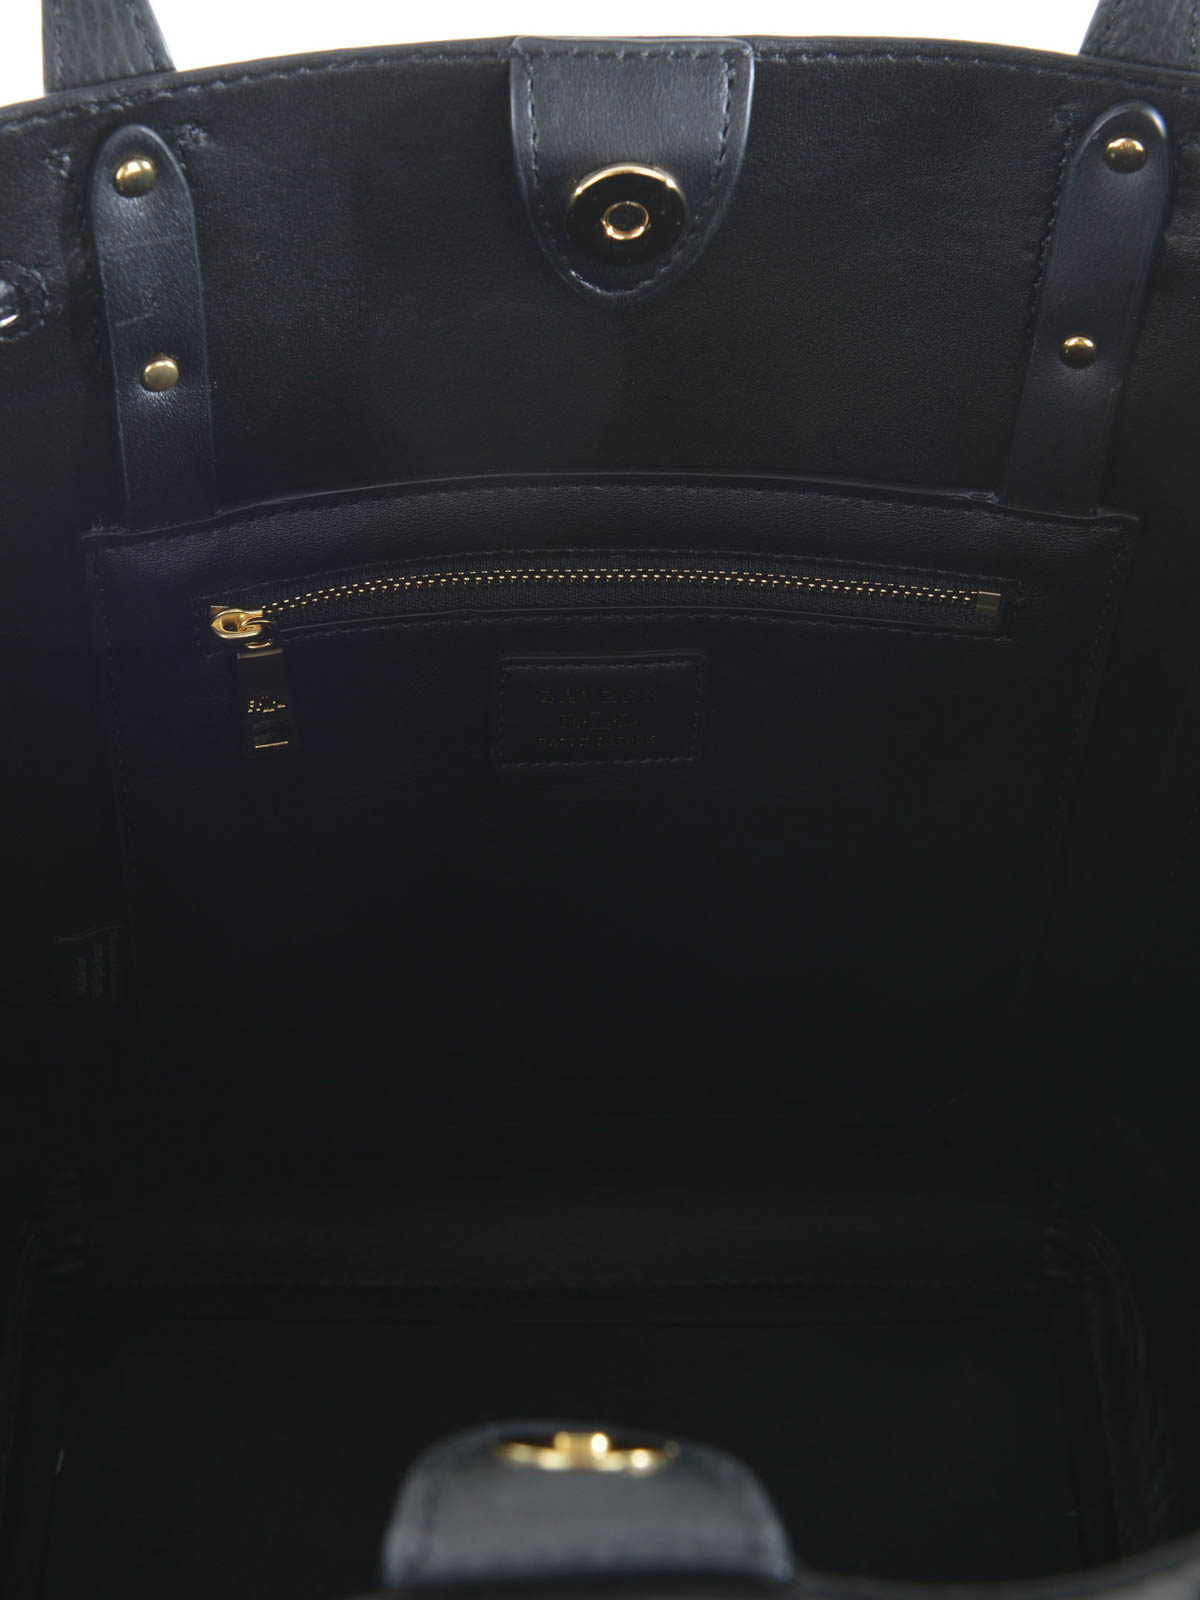 6d20bf9657a2 Ralph Lauren - Beuteltasche Aus Nappaleder - Bucket-bags - N91 L3888 ...